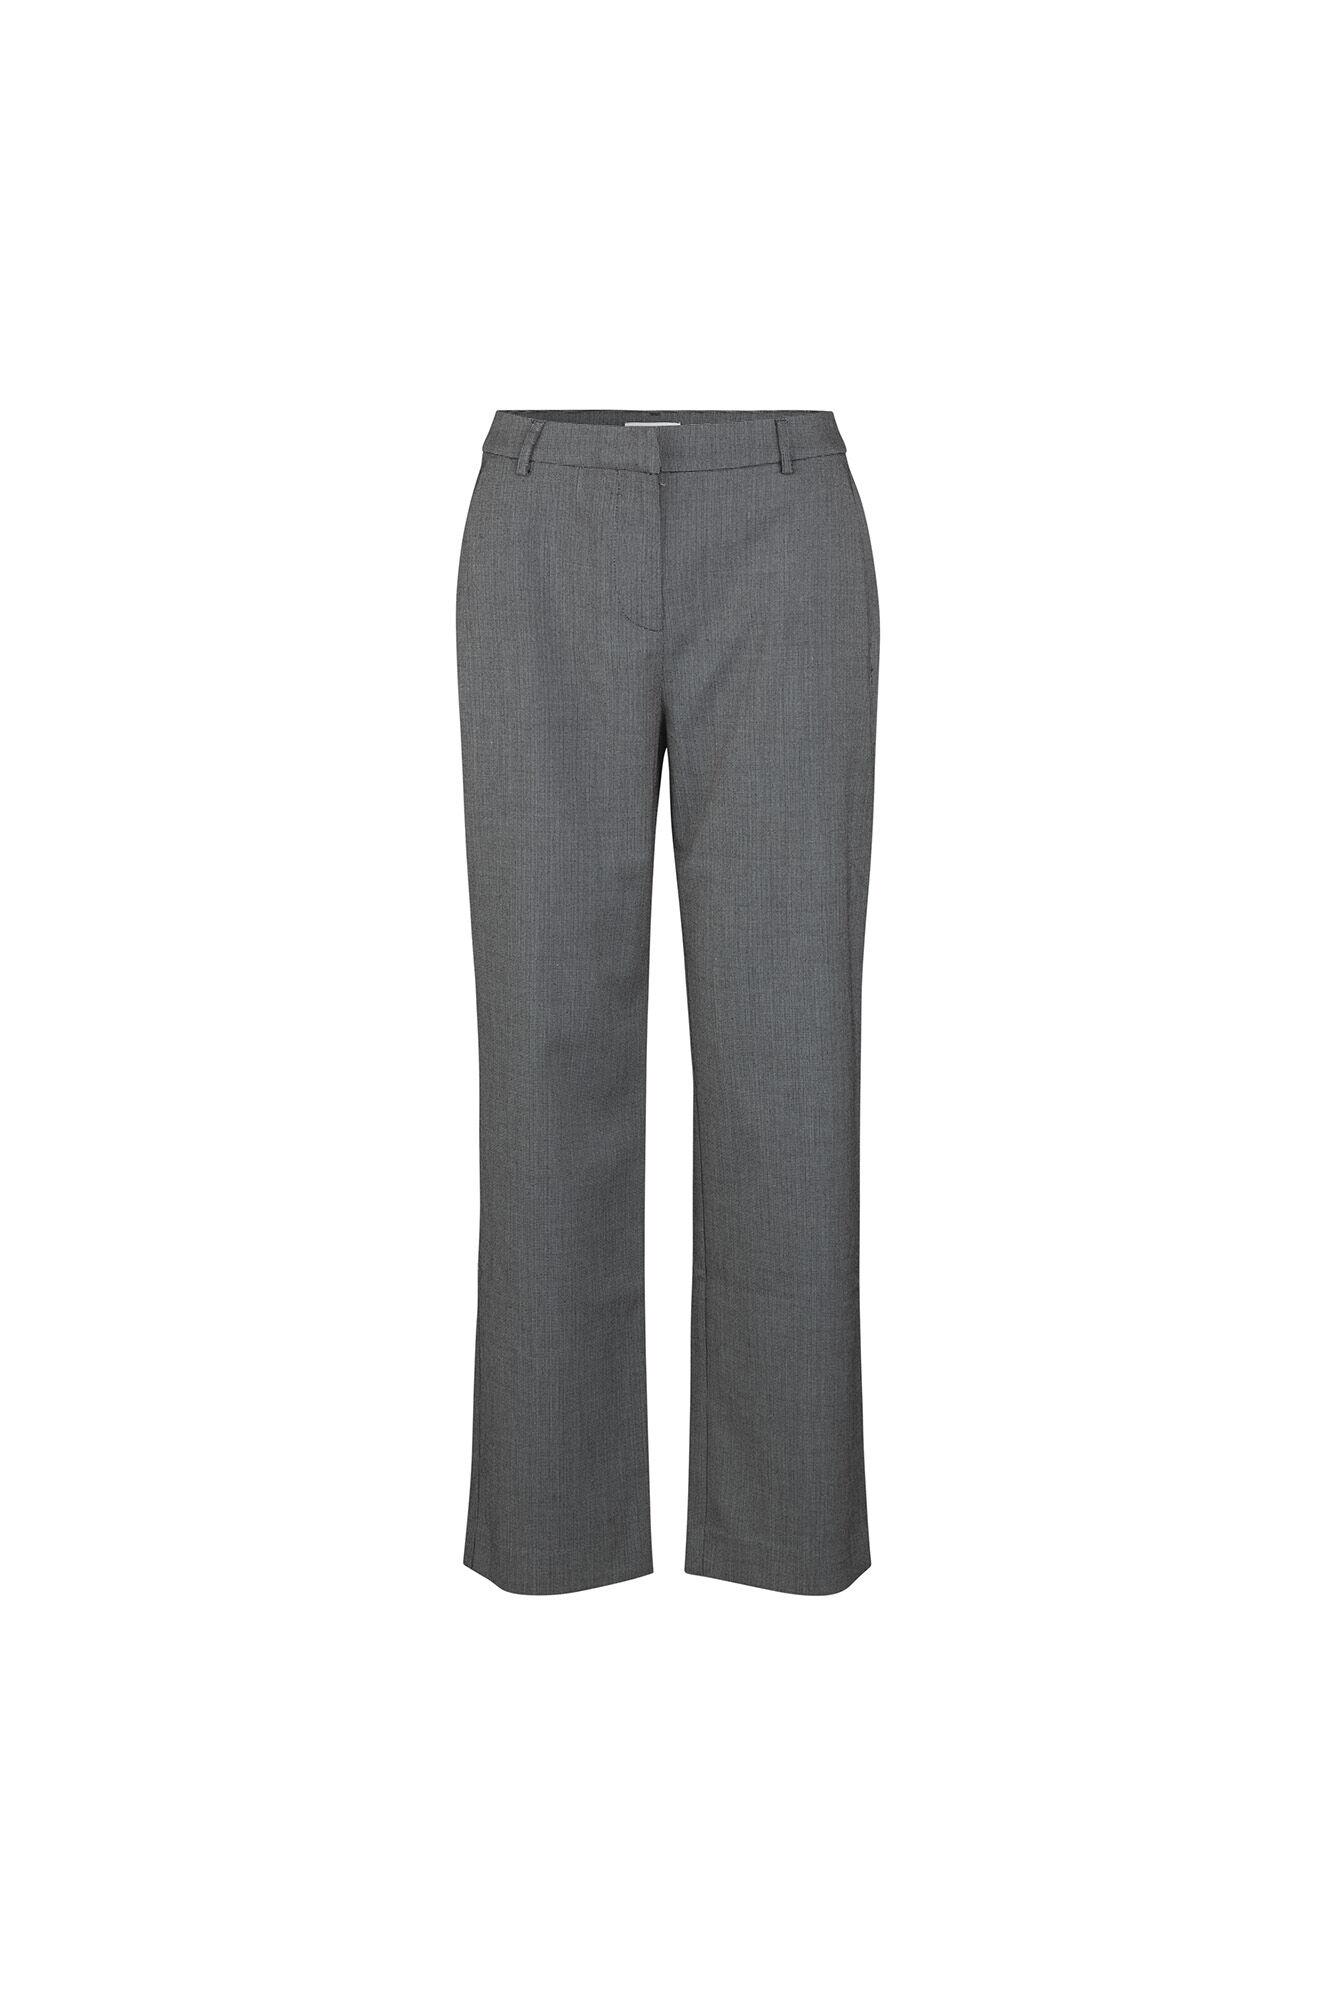 ENCOCOA PANTS 6682